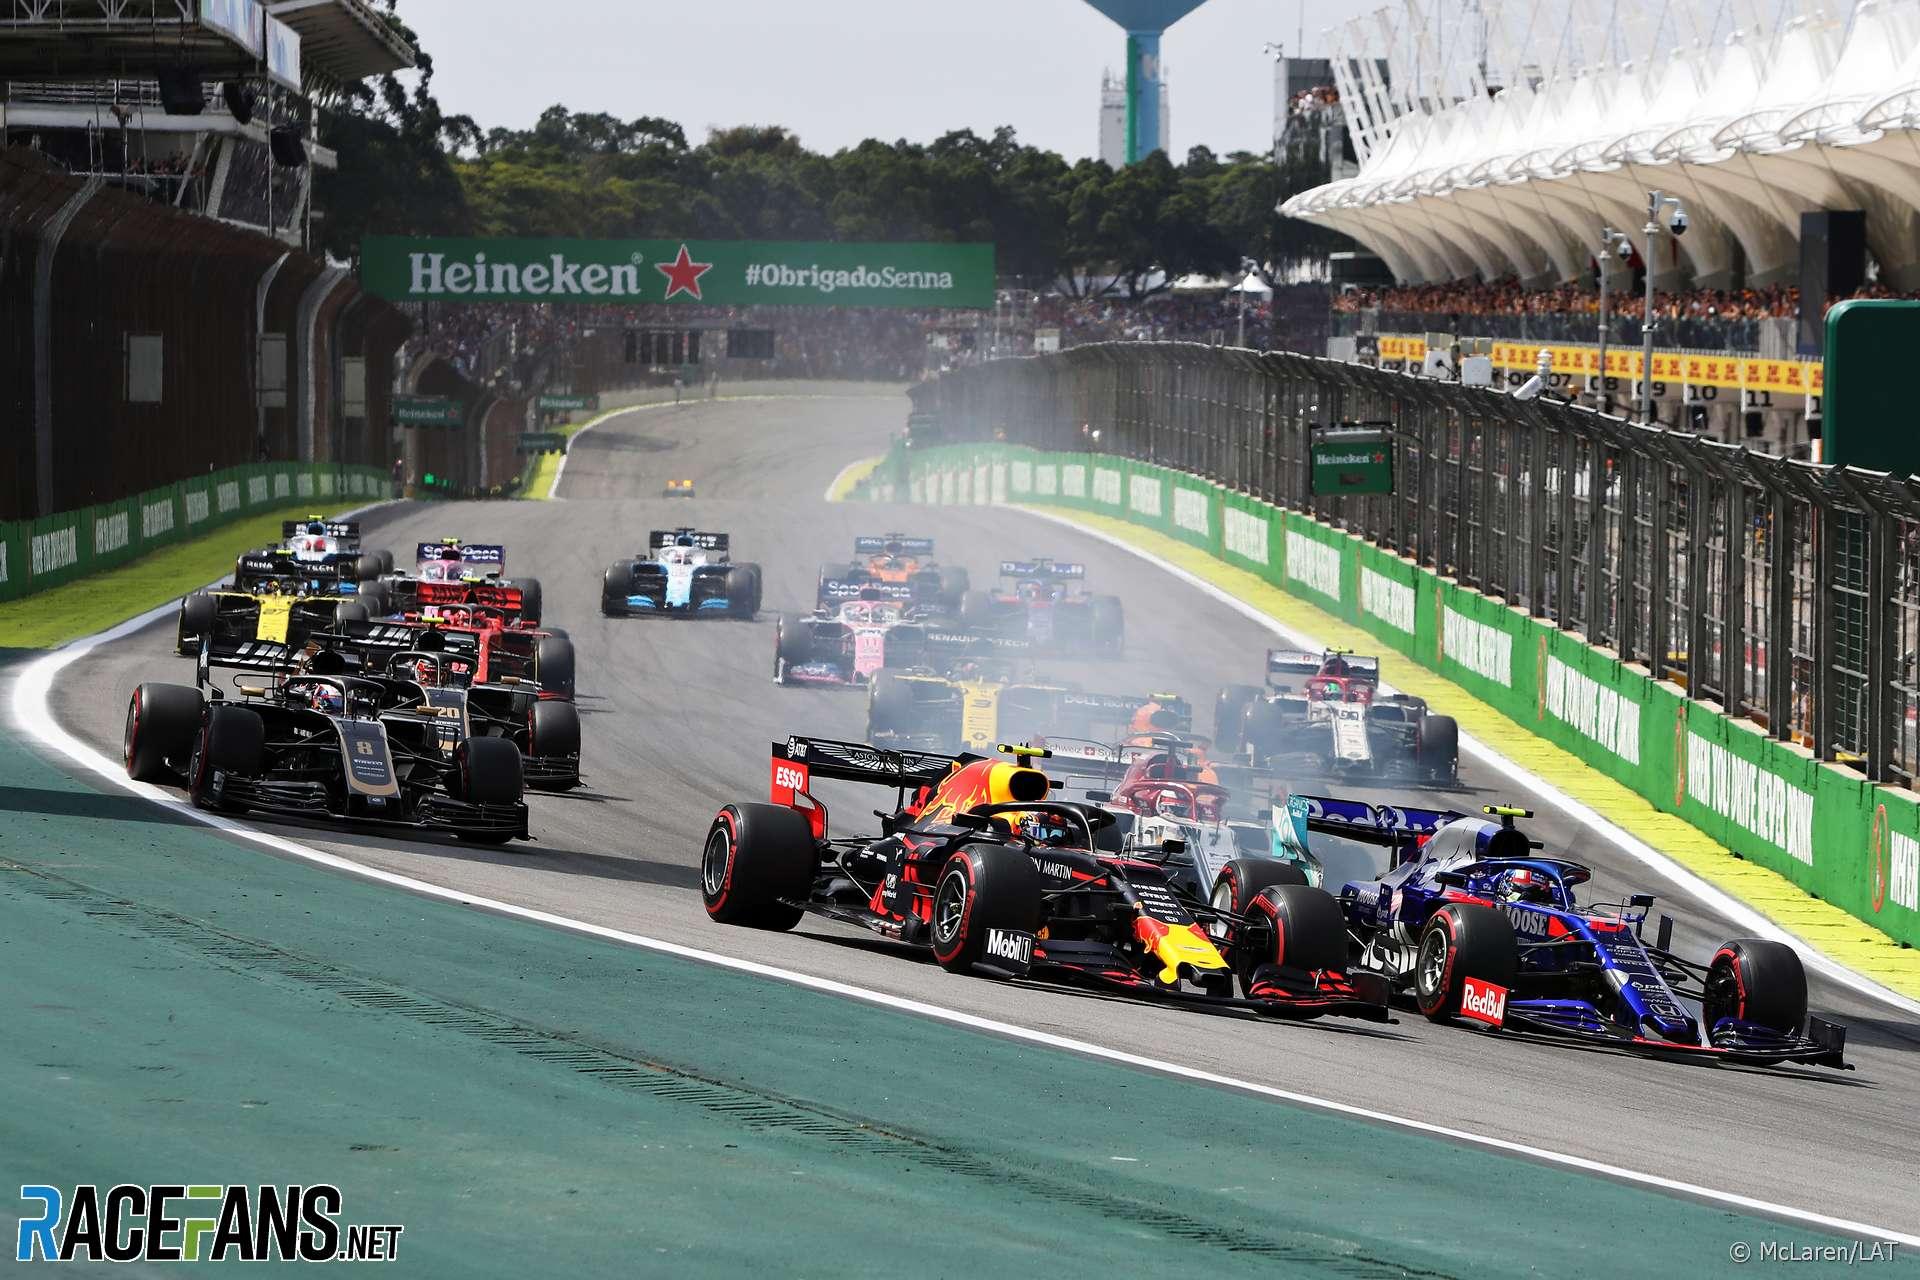 Start, Interlagos, 2019 · RaceFans